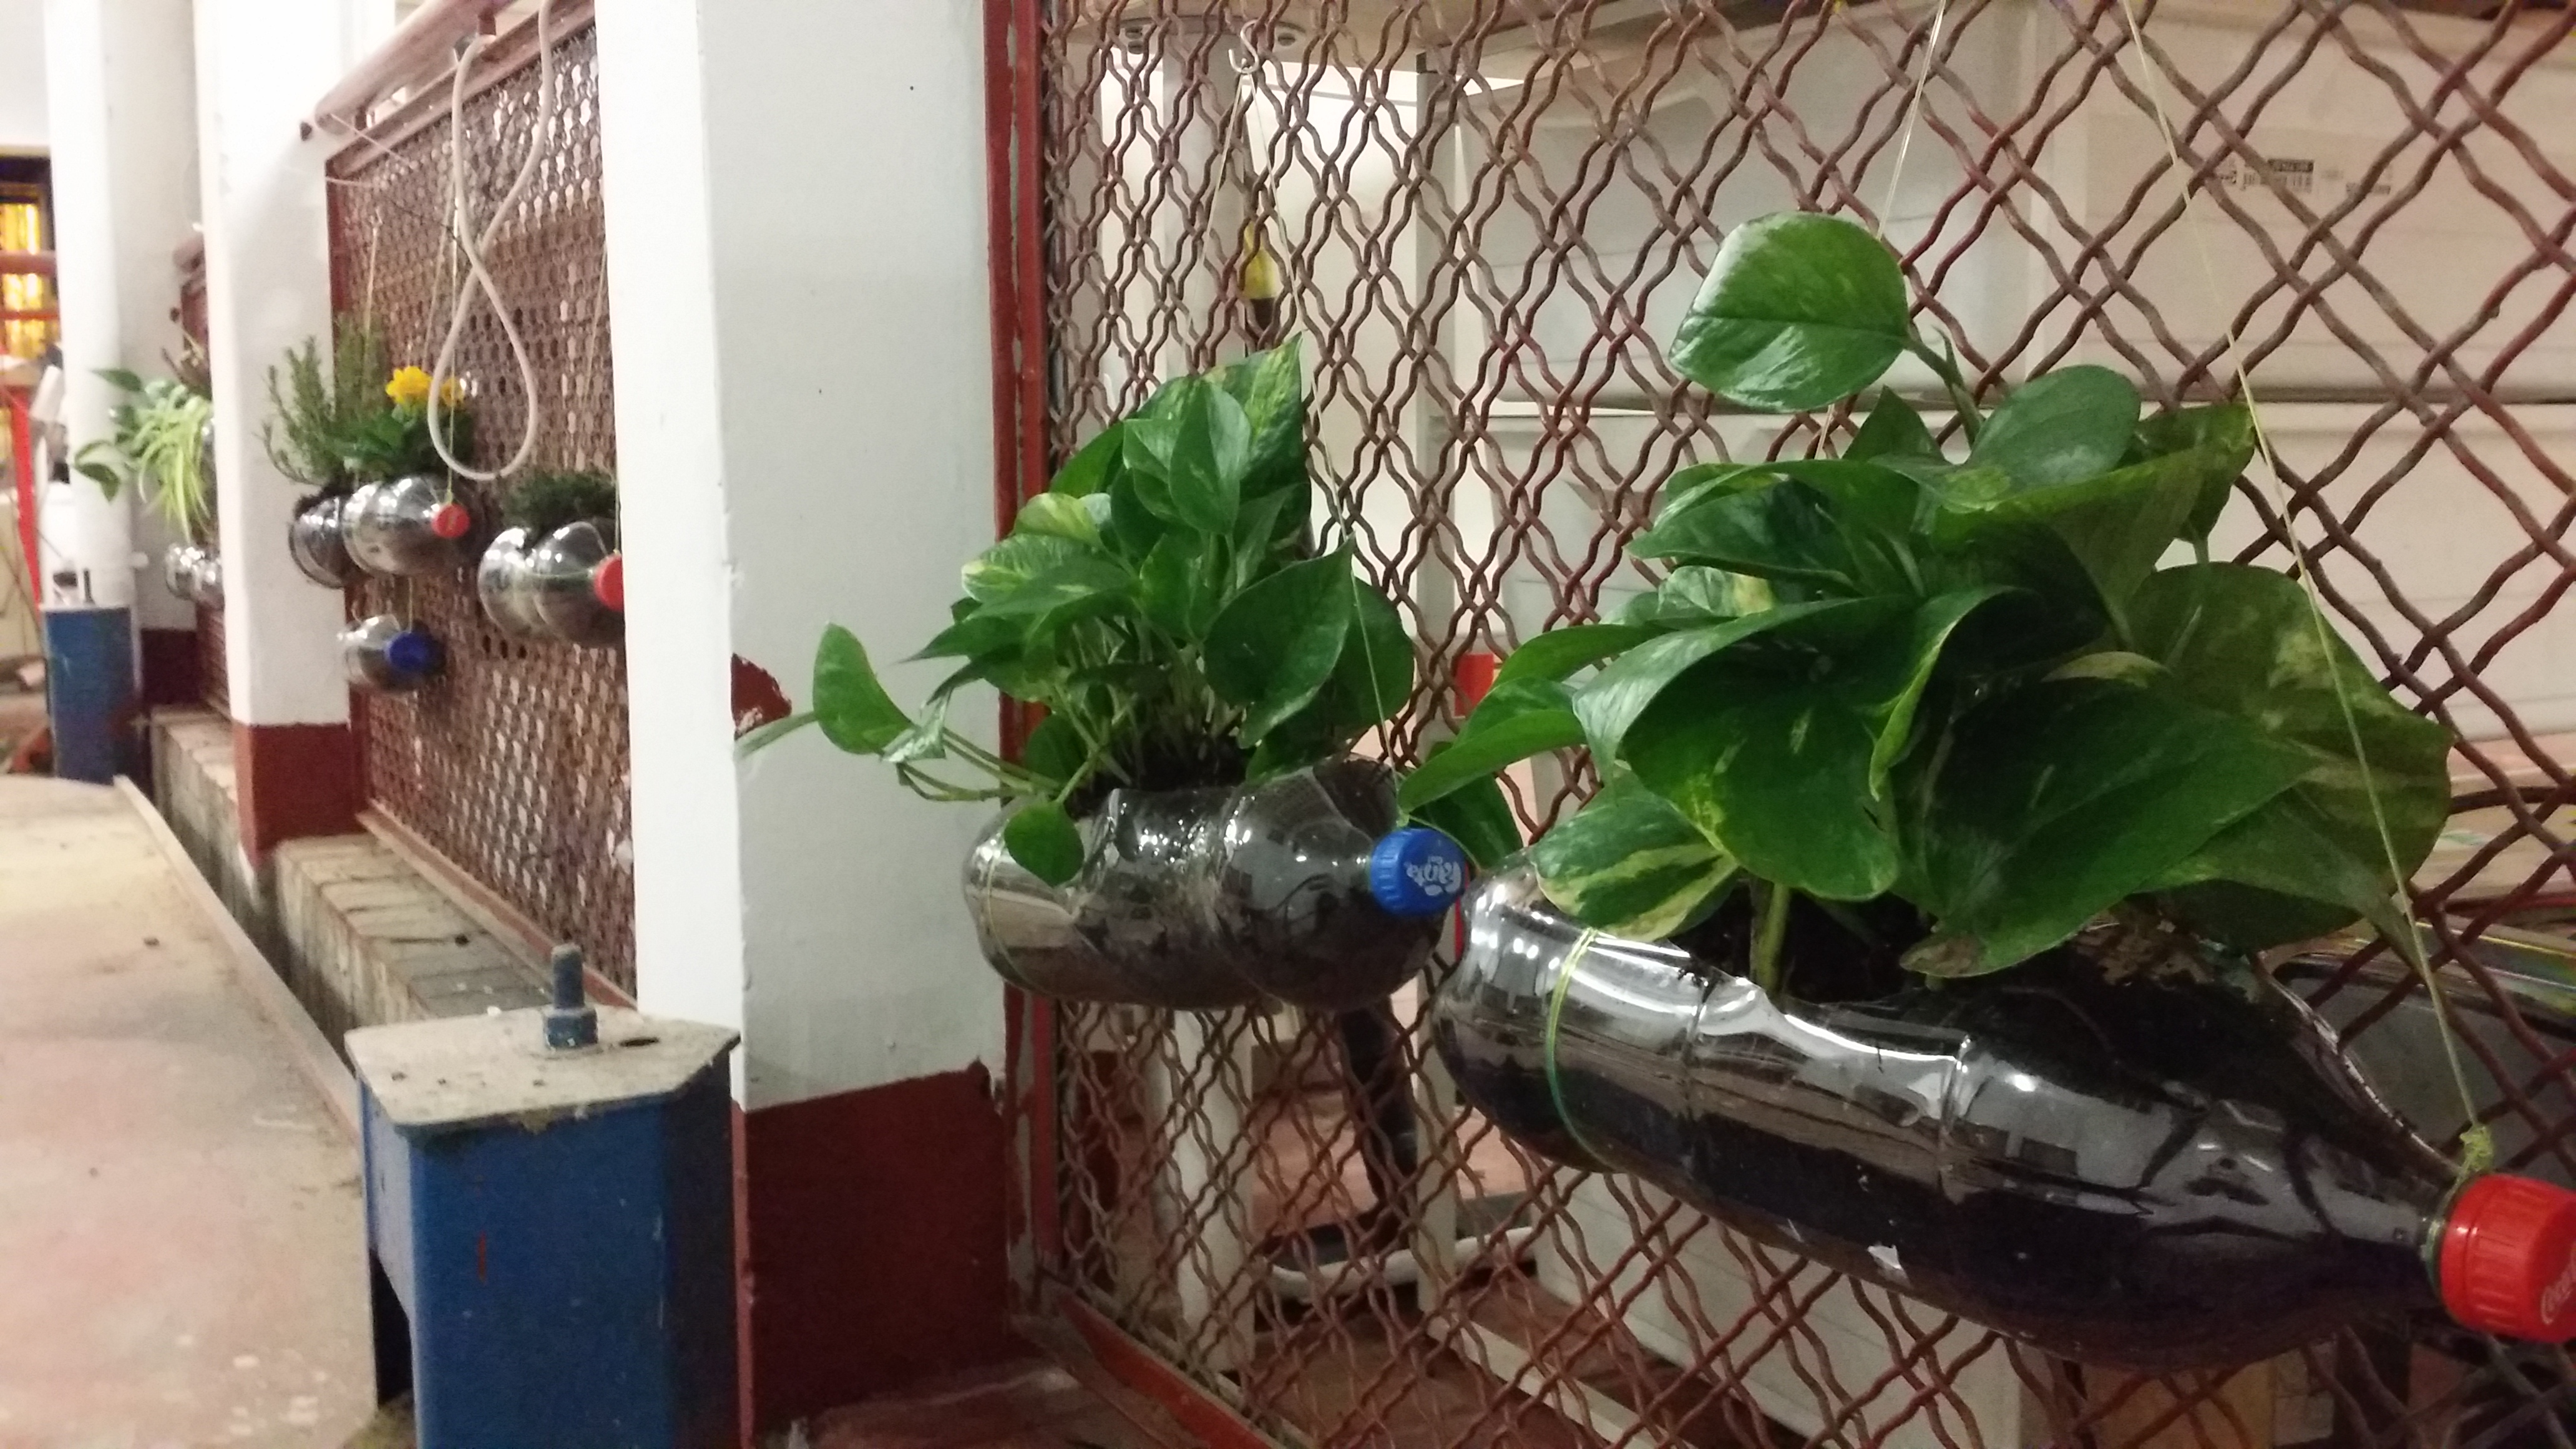 Mejora del taller de herramientas y un nuevo jardín colgante interior